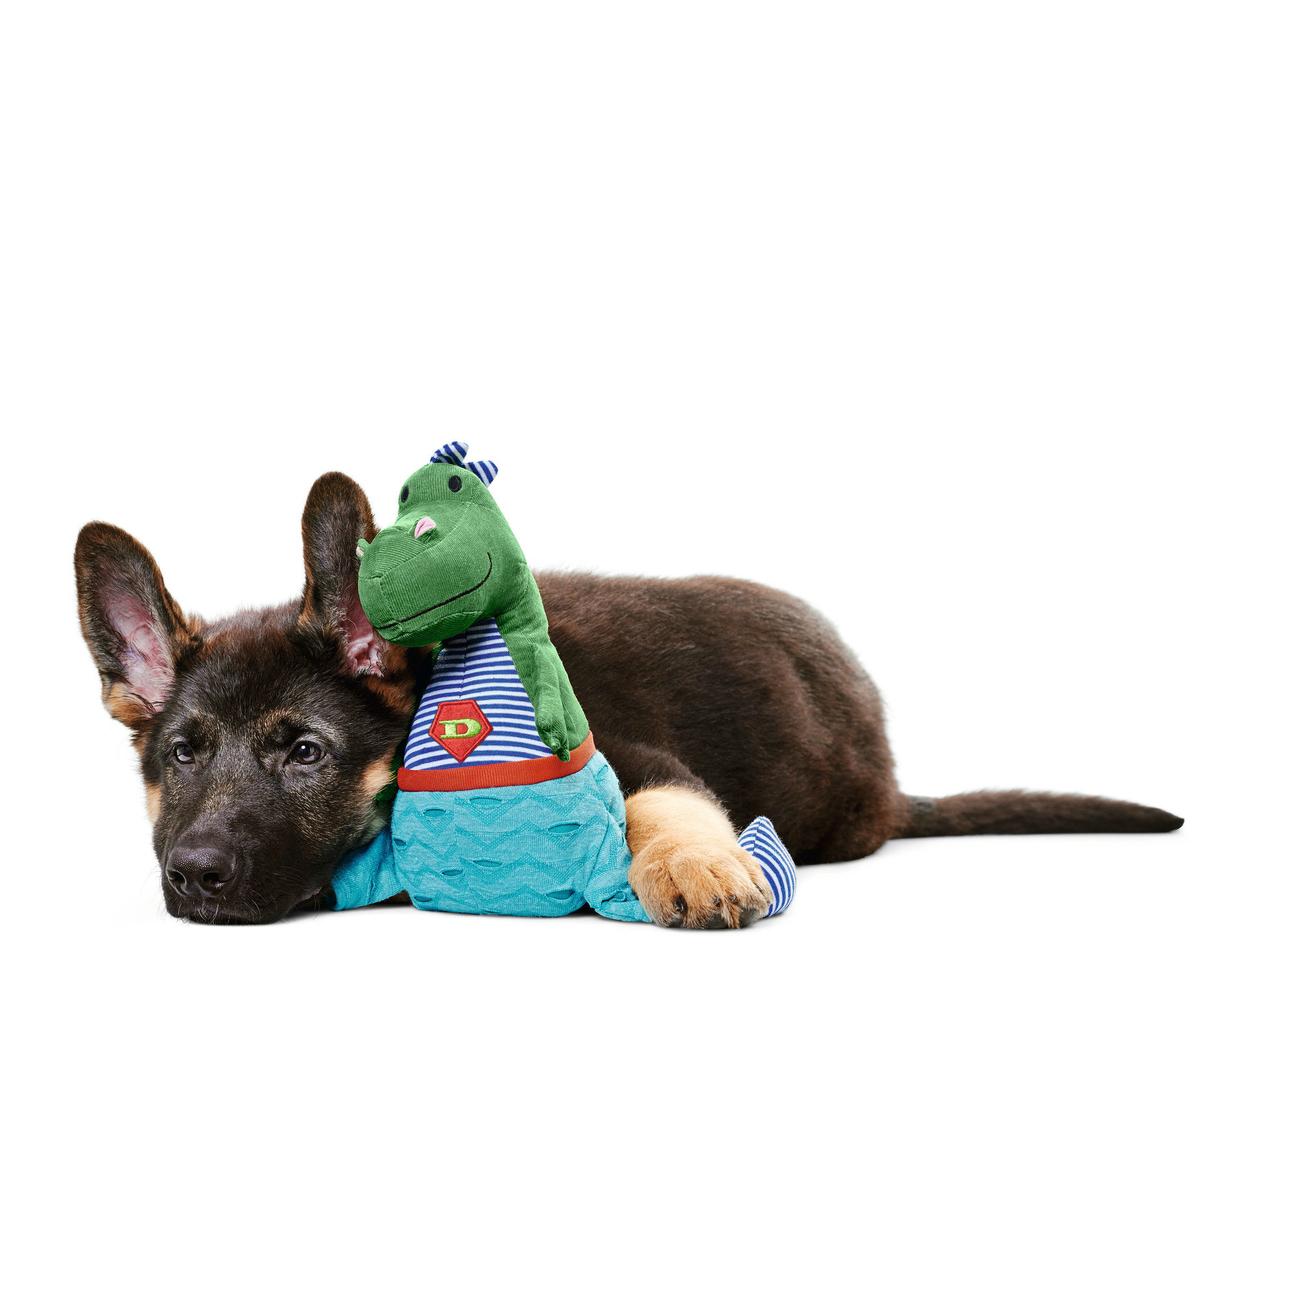 Hunter Hundespielzeug Kigoma 65275, Bild 5